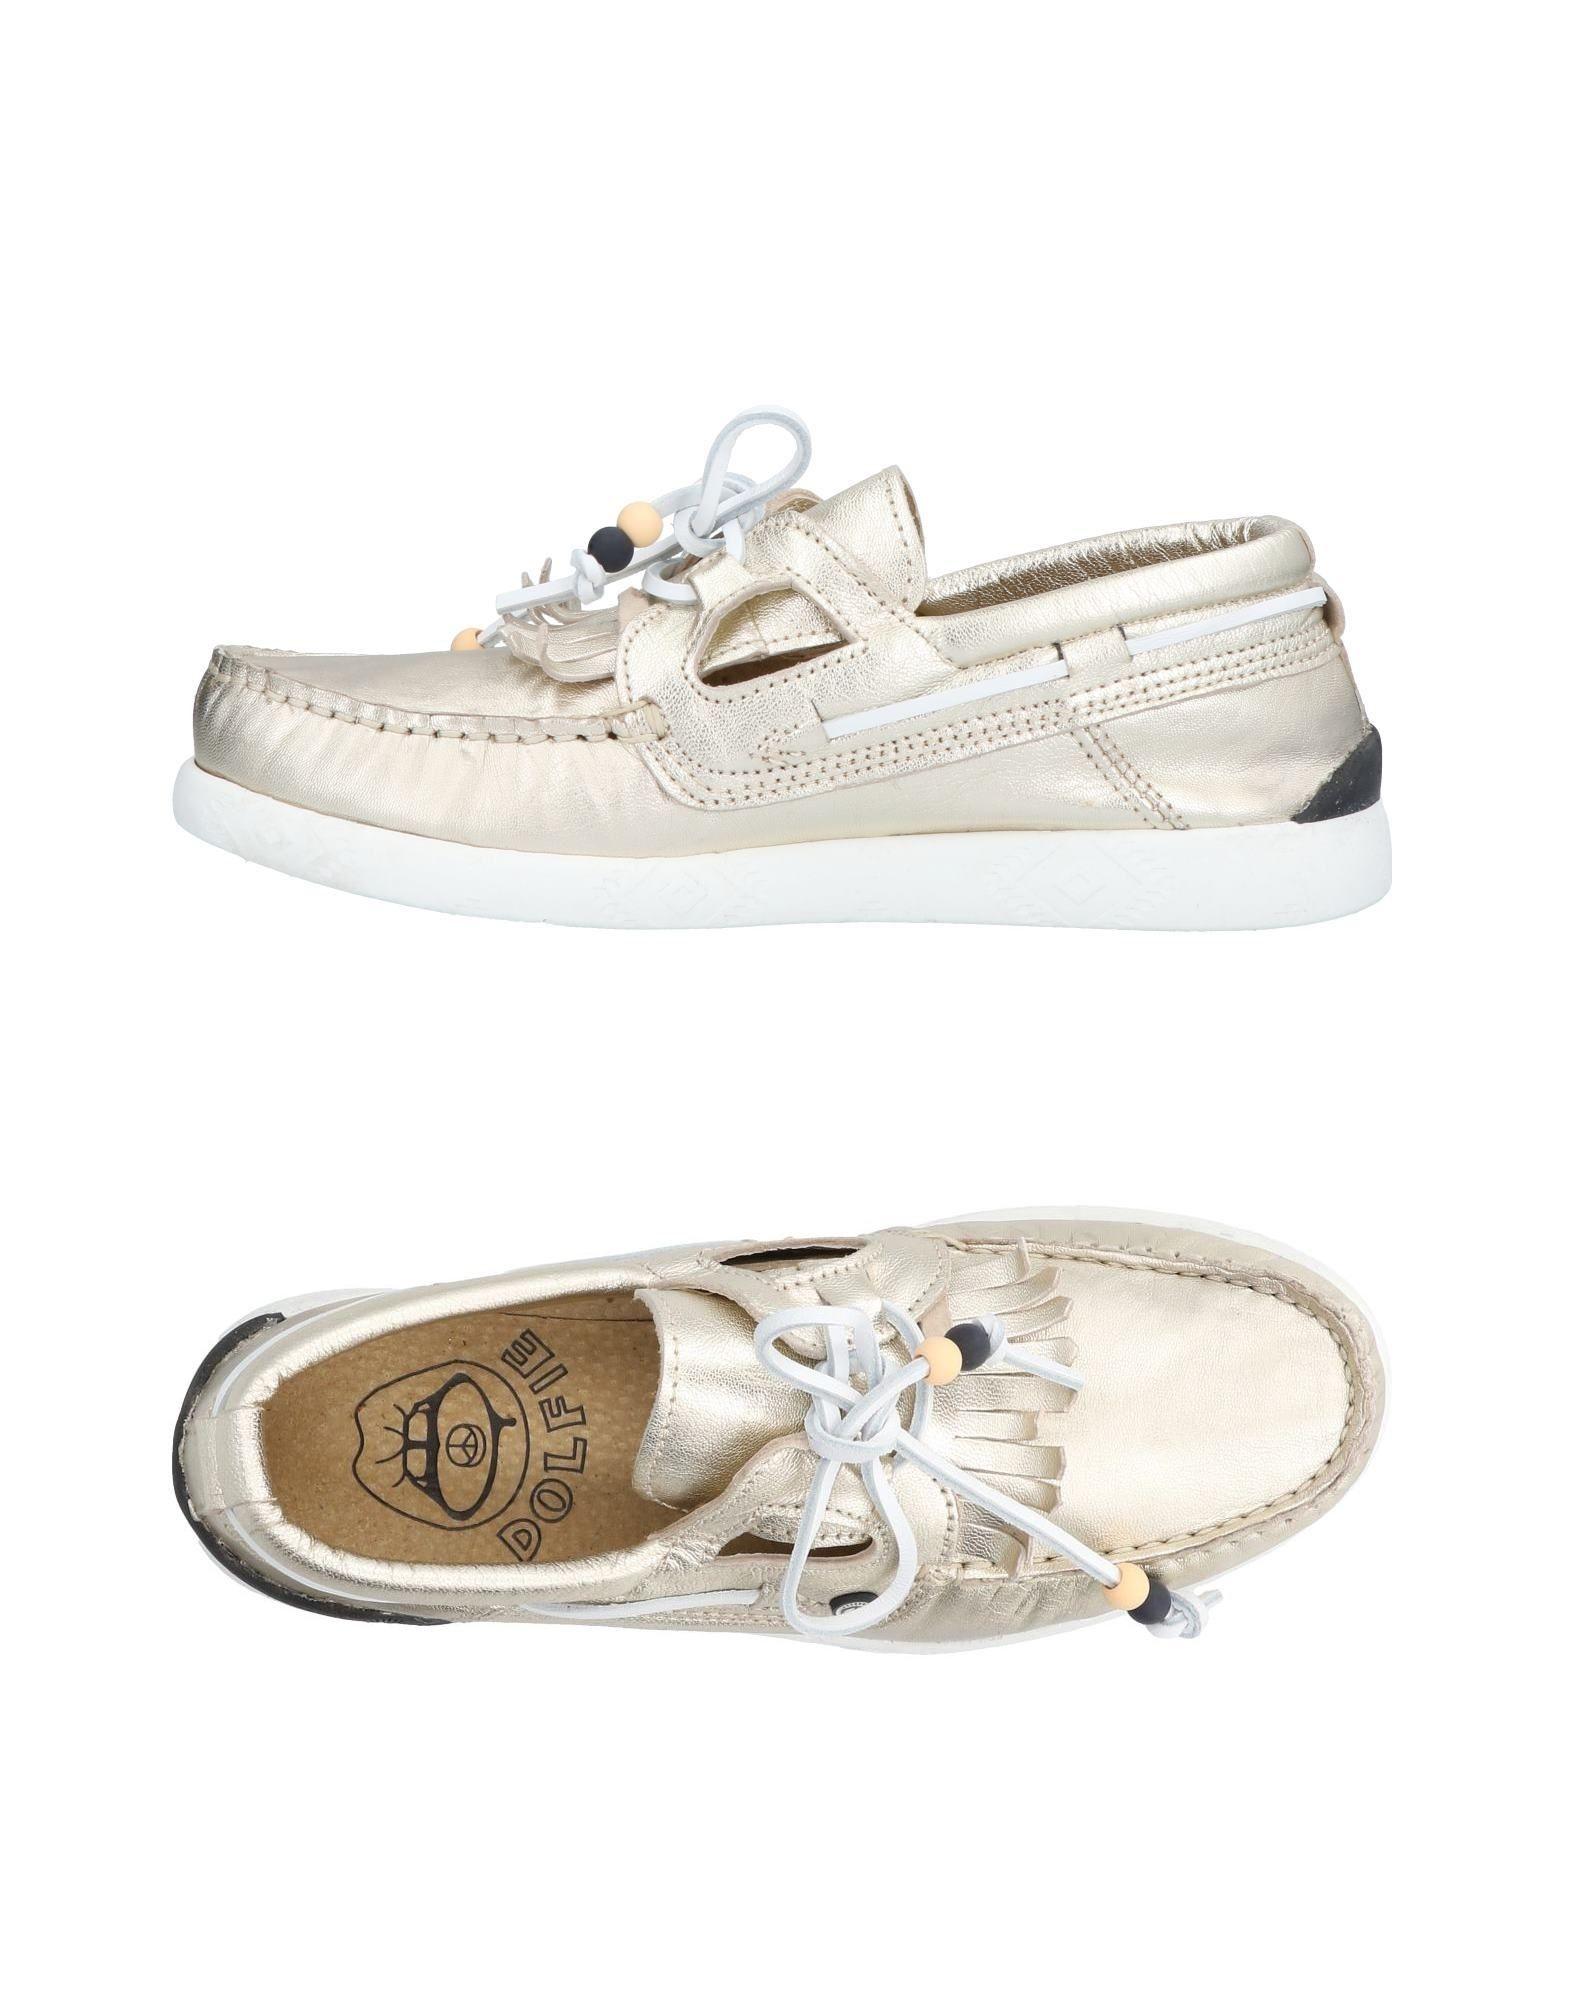 9e3d983ac34 Dolfie Shoes - Dolfie Women - YOOX Latvia